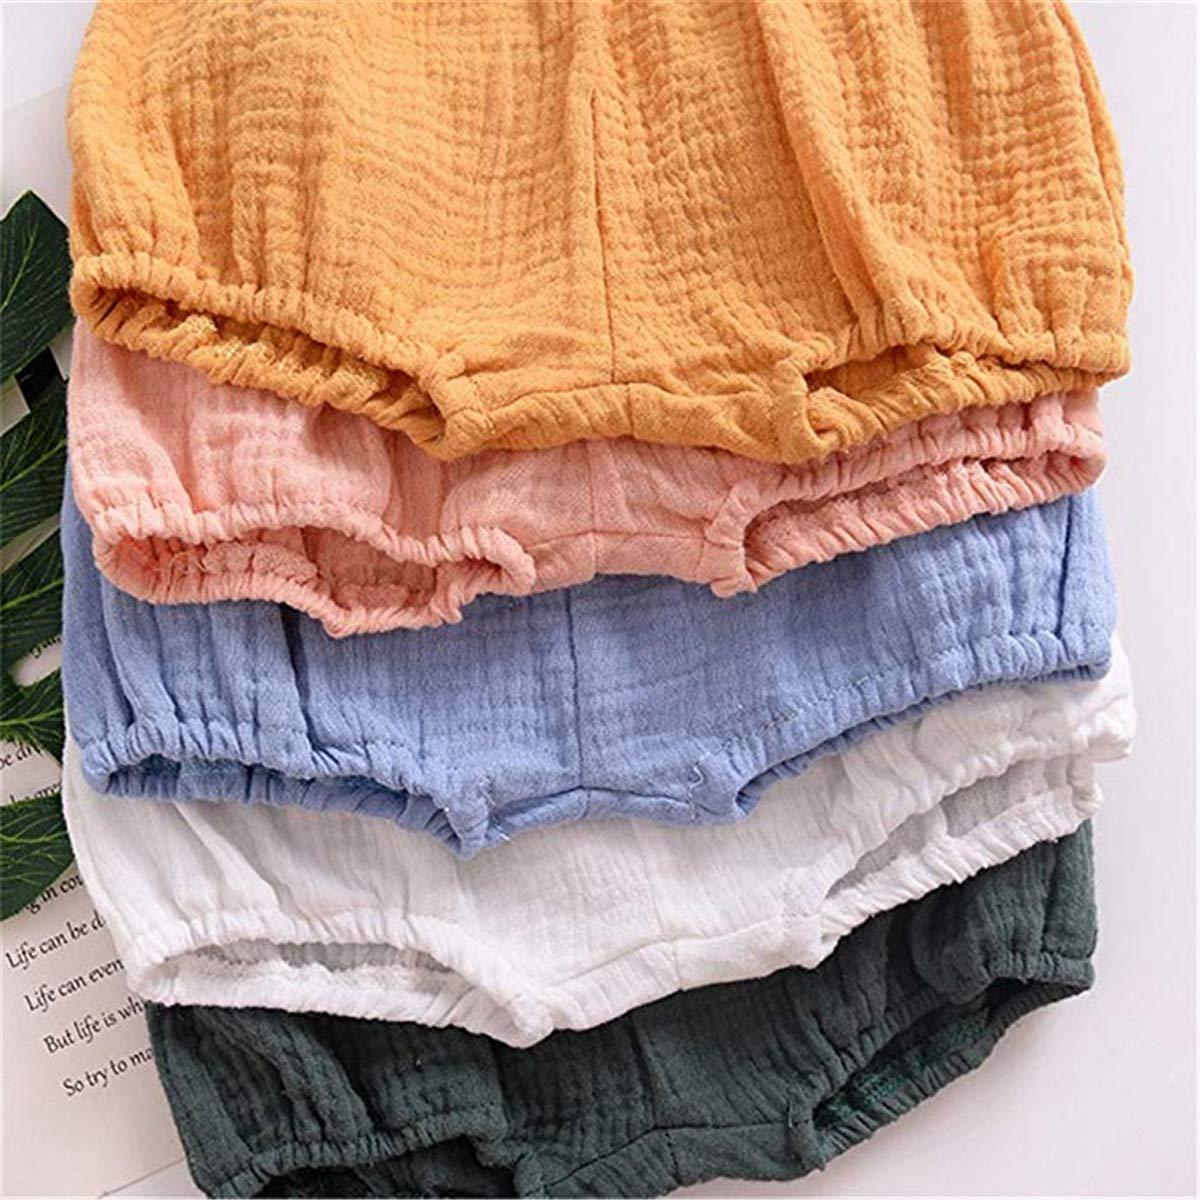 FAIRYRAIN Baby Kinder M/ädchen Jungen Baumwolle Unterw/äsche Unterhosen R/üsche Hose Bloomer Shorts Baby H/öschen Windelh/öschen Kleinkinder Pumphose